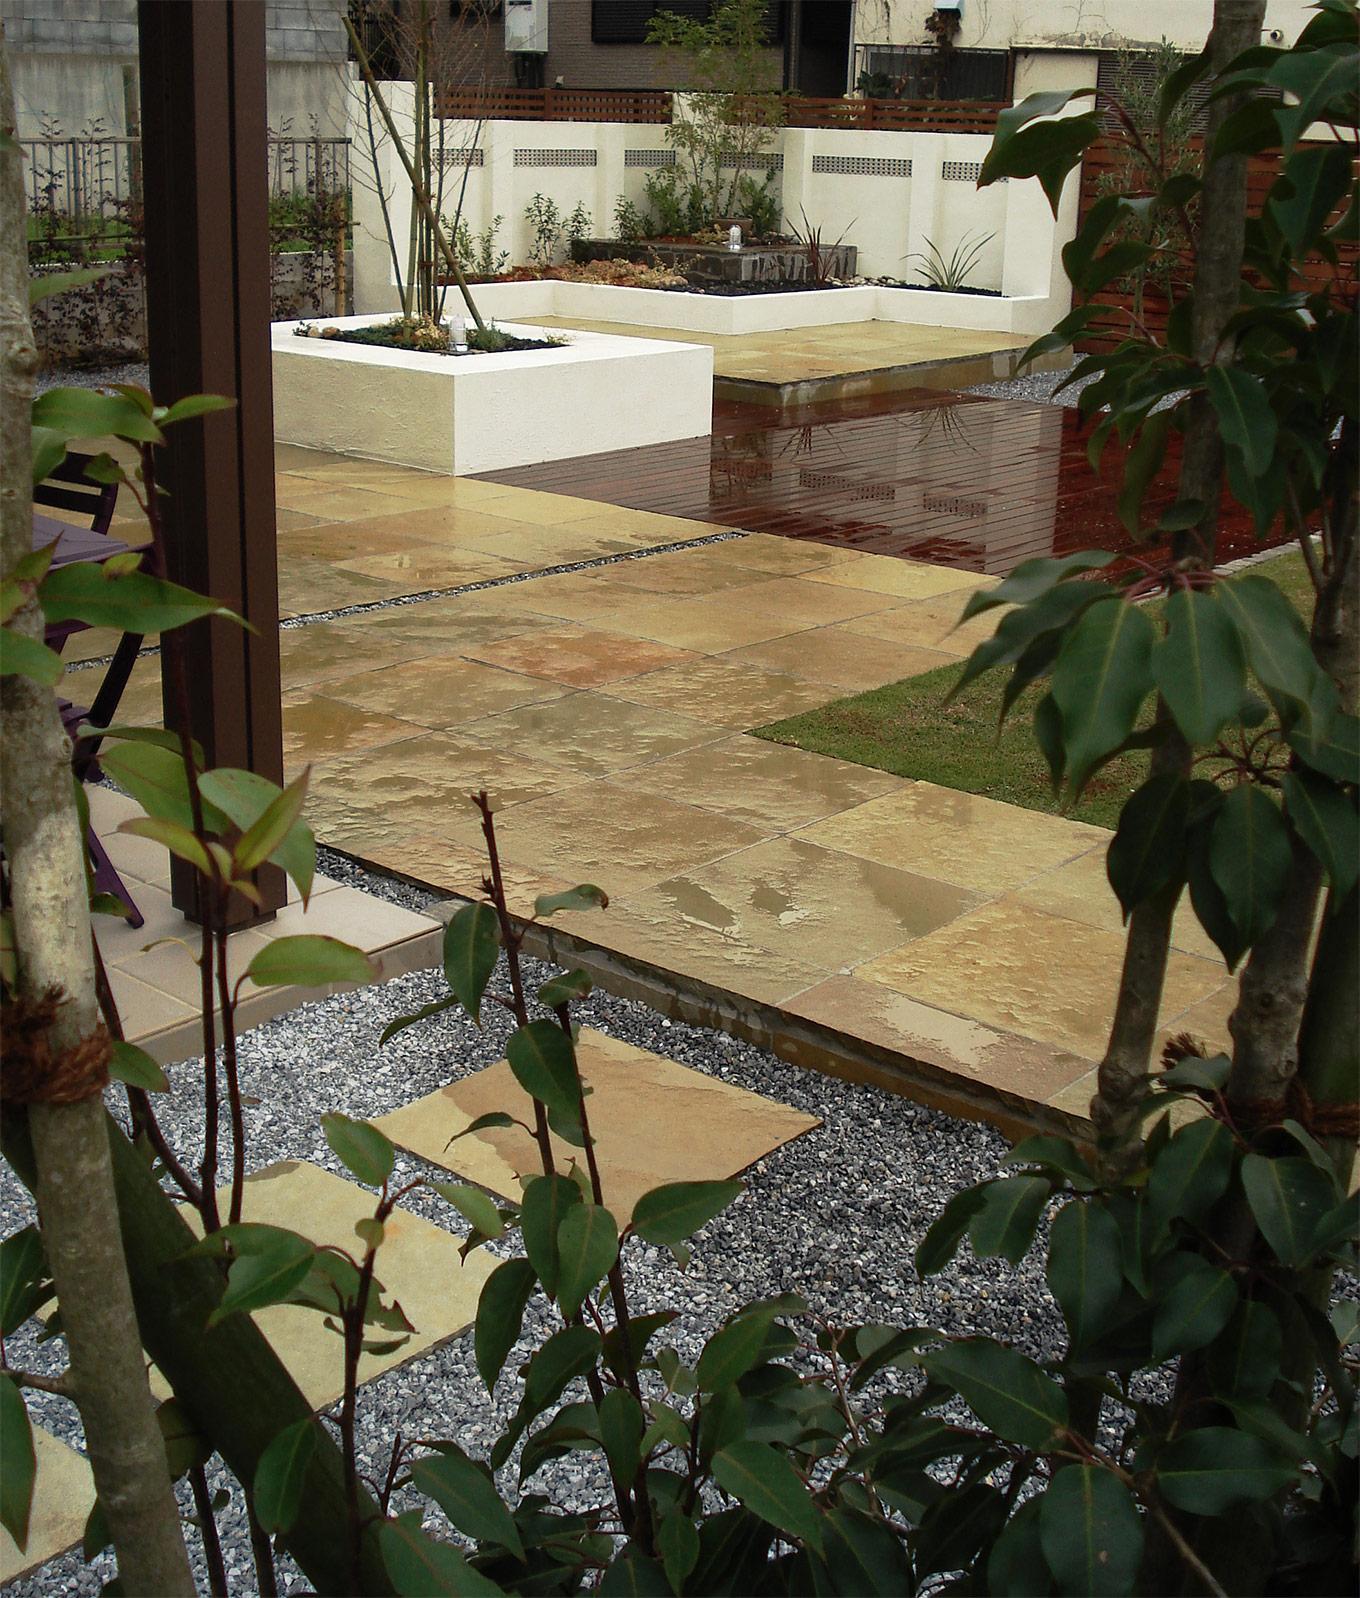 石張り、デッキ、芝とが融合された洗練空間